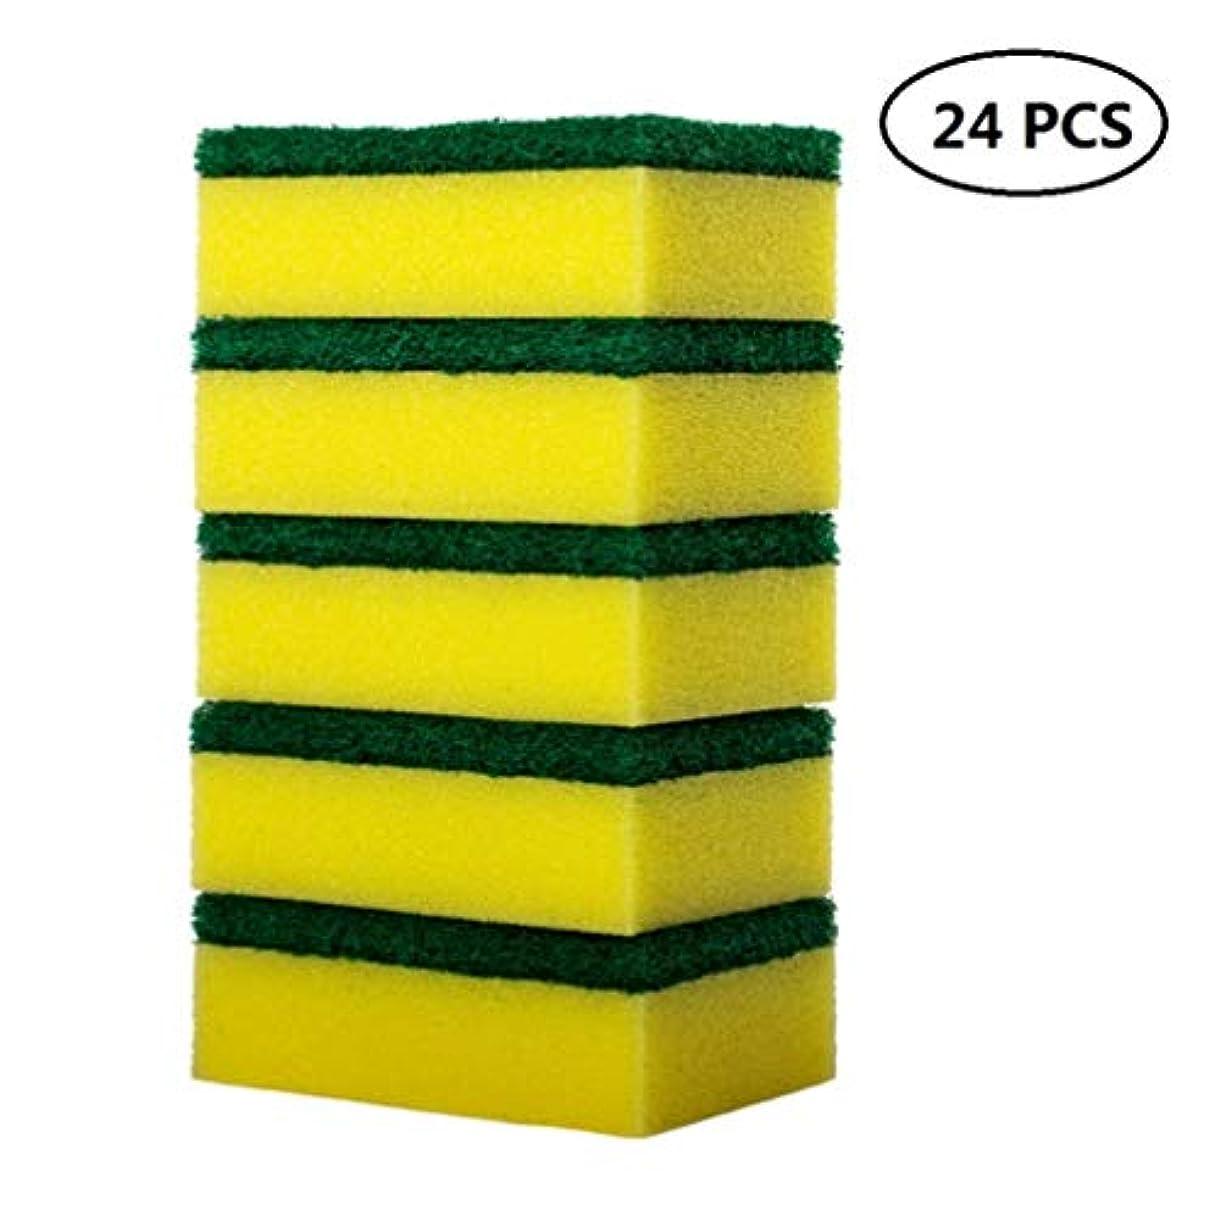 イタリックフロンティア横BESTONZON 24ピーススポンジ精練パッド食器洗いスポンジキッチンクリーニングナノコットン洗浄ポットブラシ(黄色+緑)